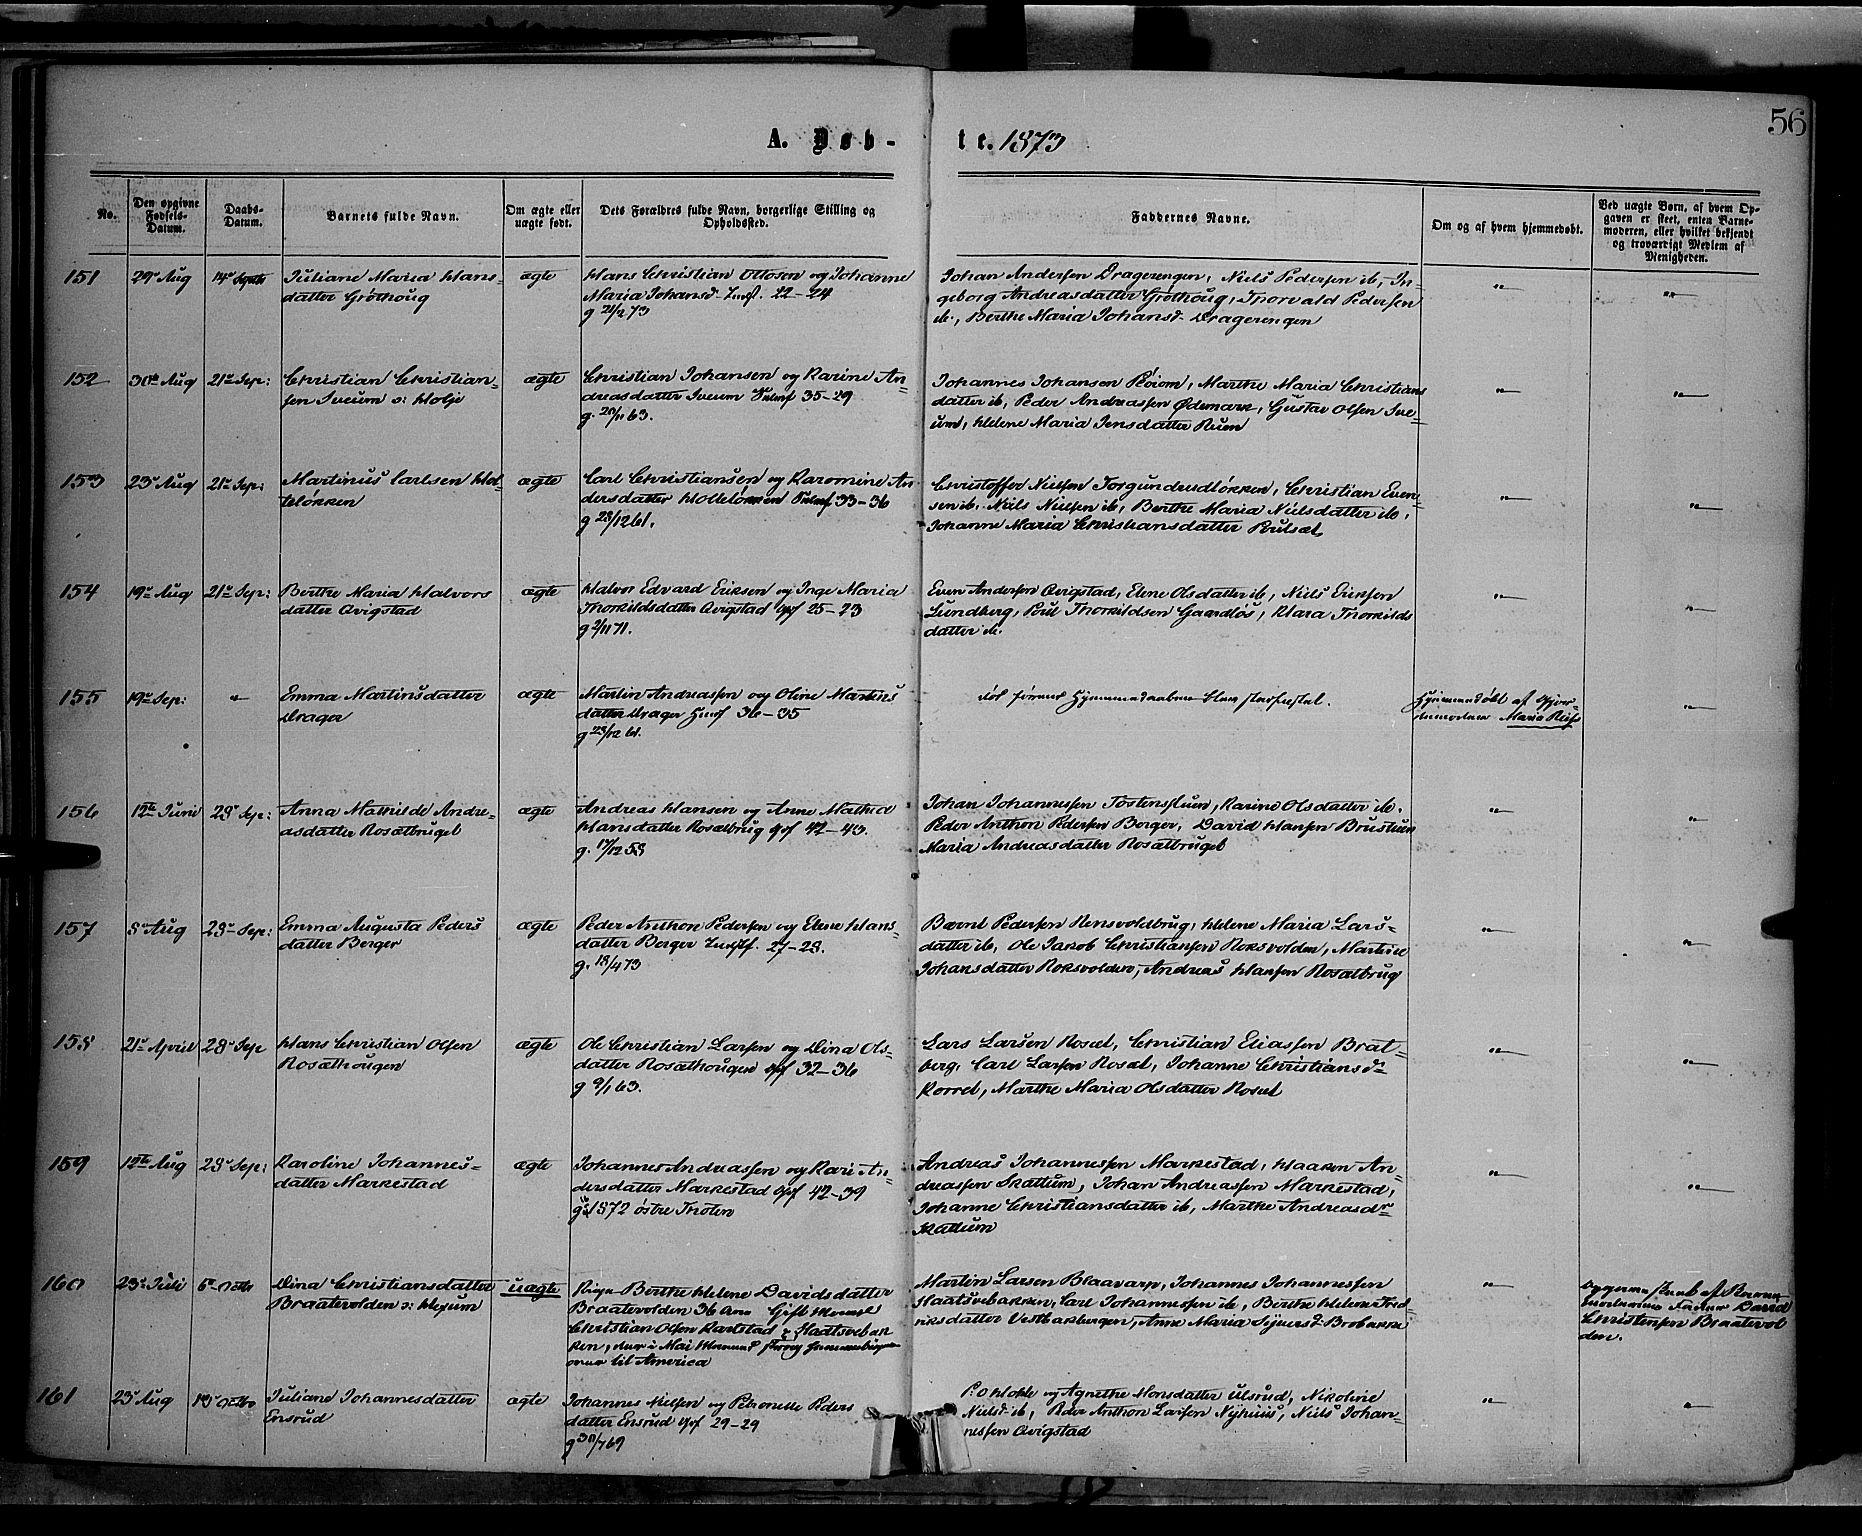 SAH, Vestre Toten prestekontor, Ministerialbok nr. 8, 1870-1877, s. 56